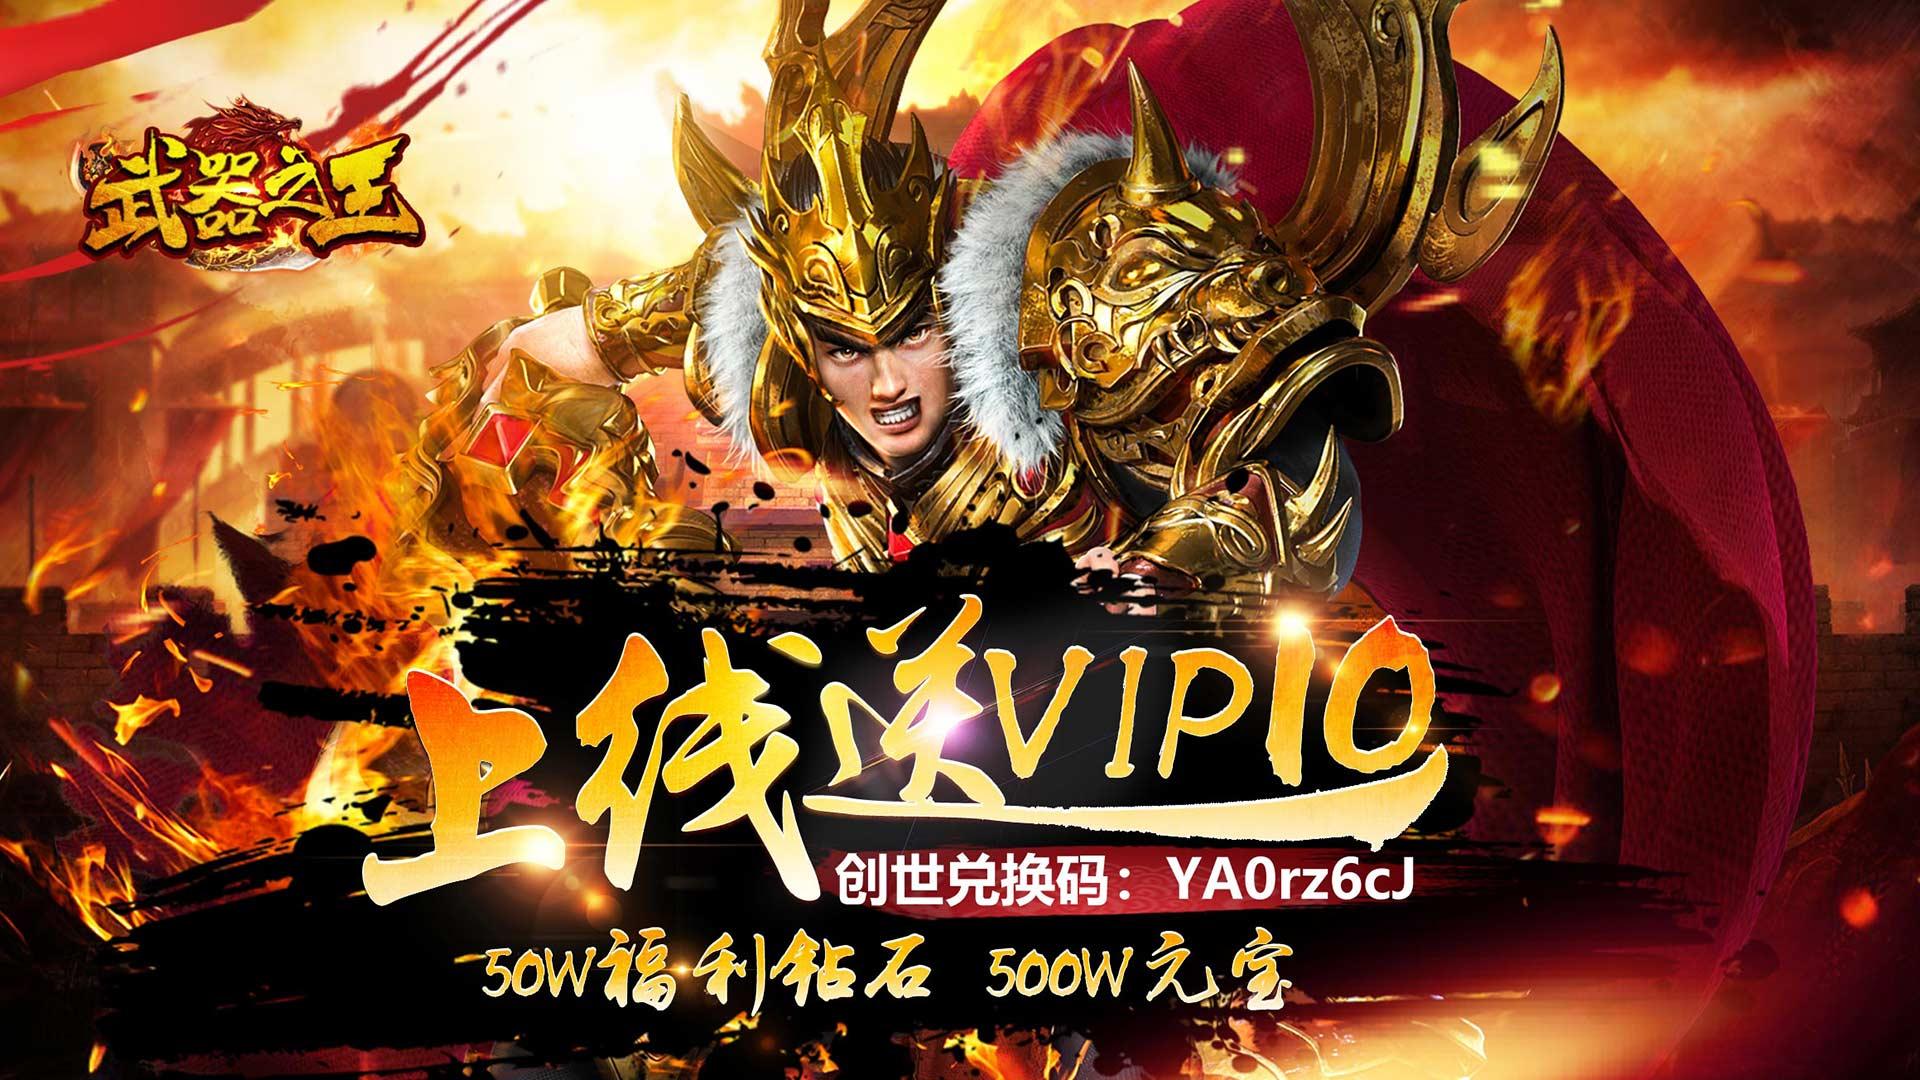 《武器之王(福利特权)》变态版:上线送VIP10、50万福利钻石、500万元宝